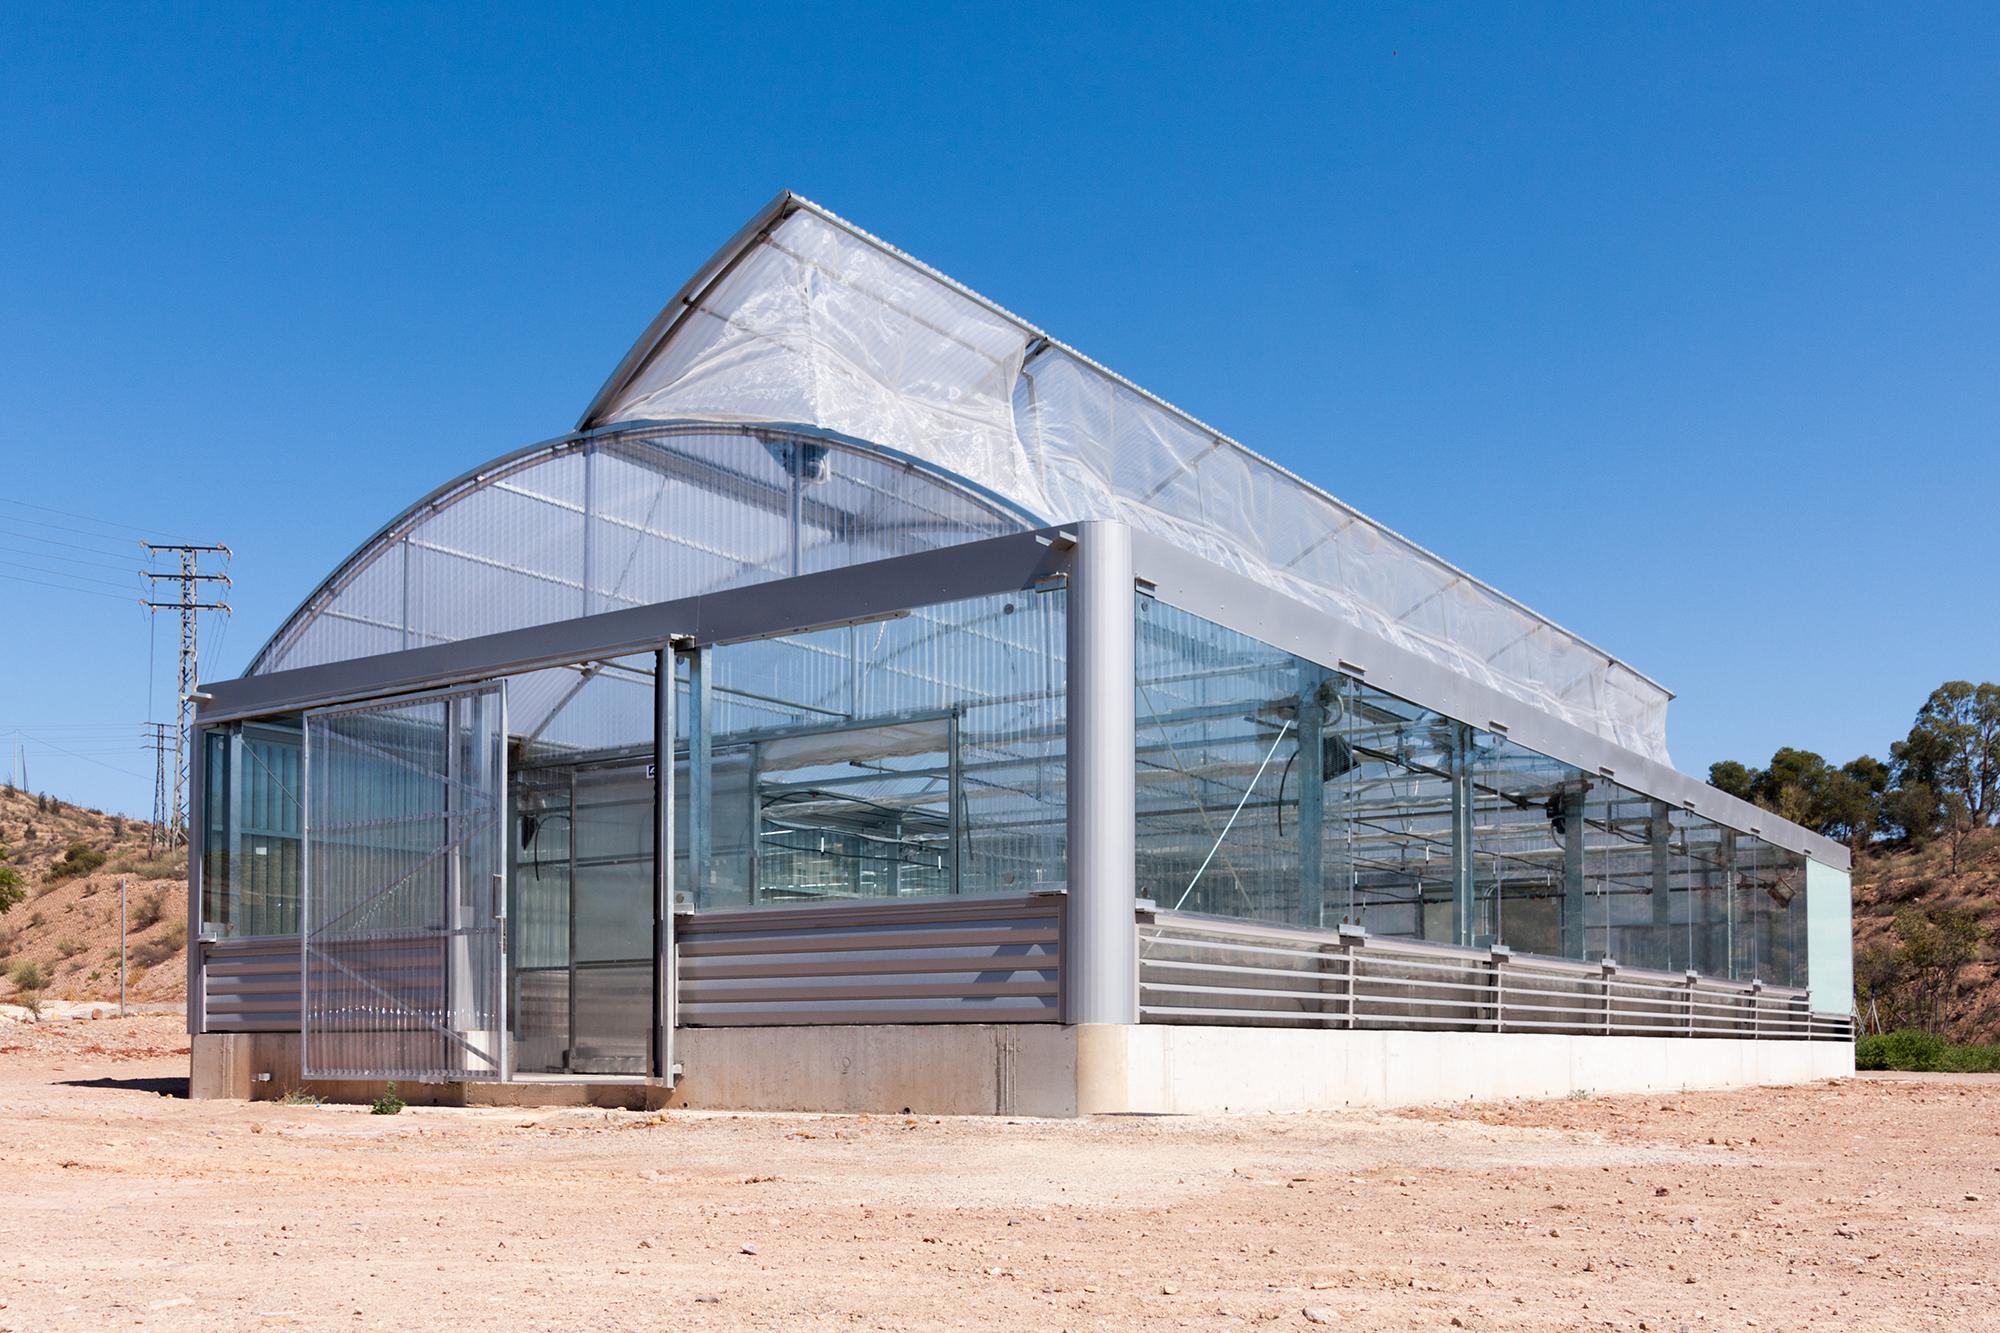 Geotermia ventilaci n natural y fachadas microperforadas - Invernadero para casa ...